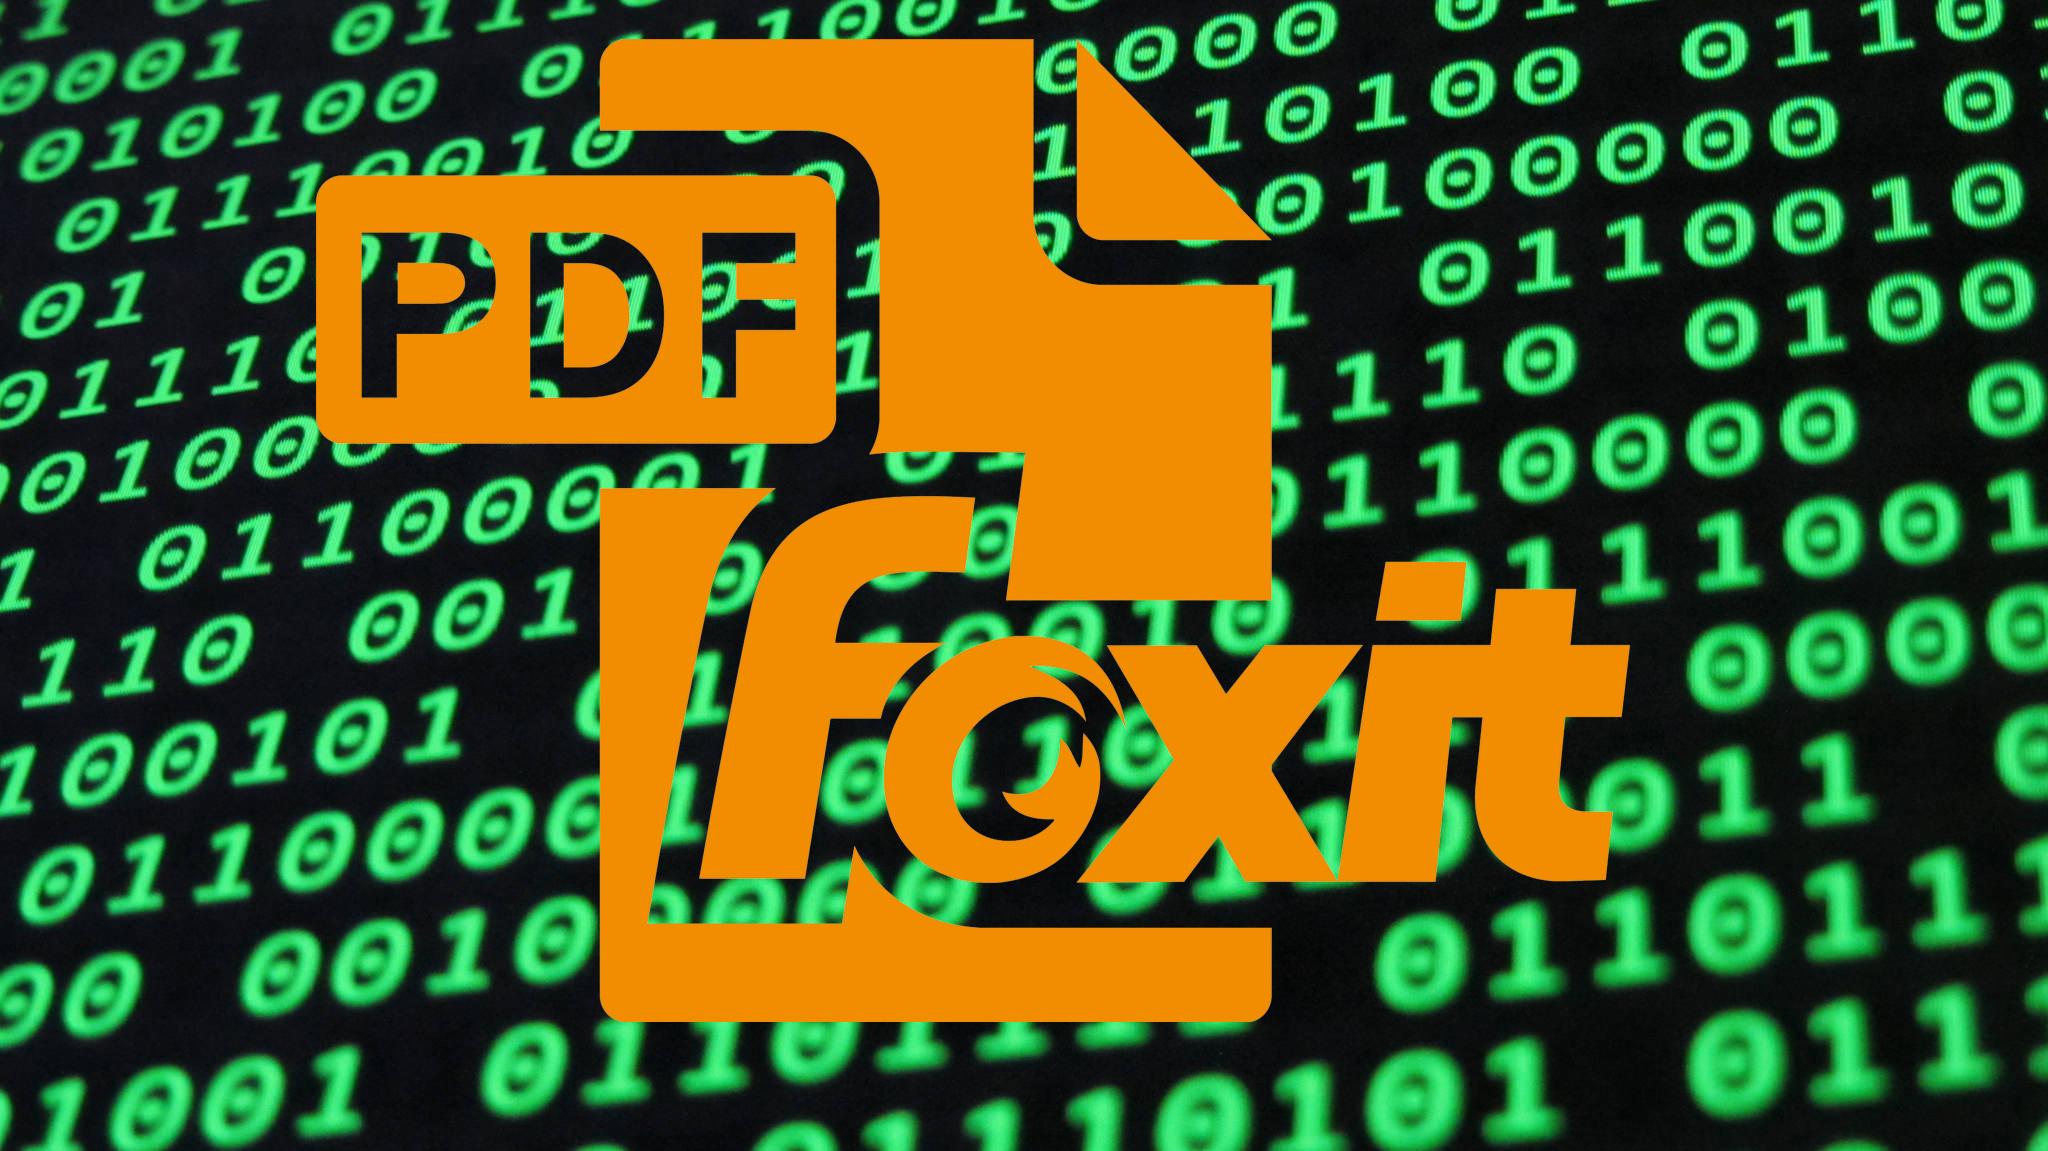 В Foxit Reader обнаружены две 0-day уязвимости